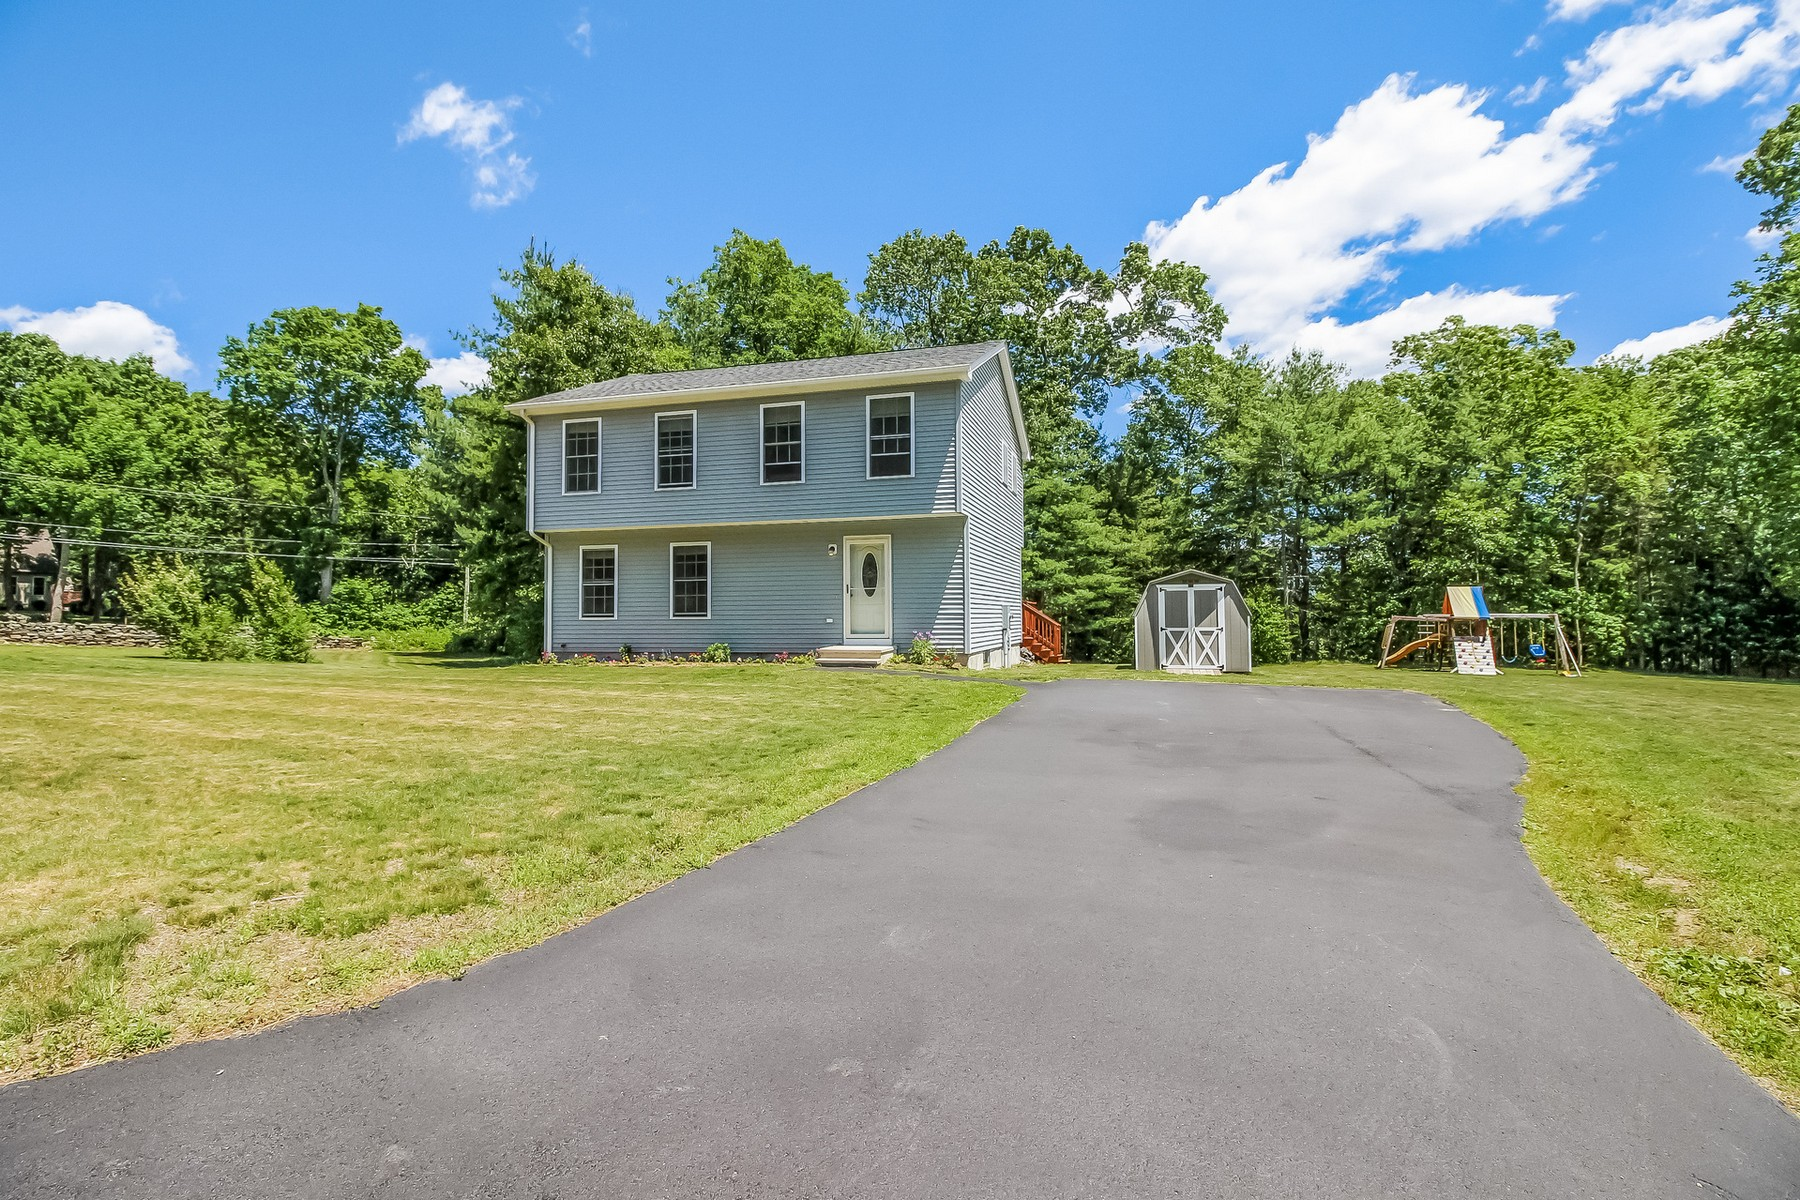 Einfamilienhaus für Verkauf beim Live in Camelot 2 Camelot Lane Griswold, Connecticut, 06351 Vereinigte Staaten